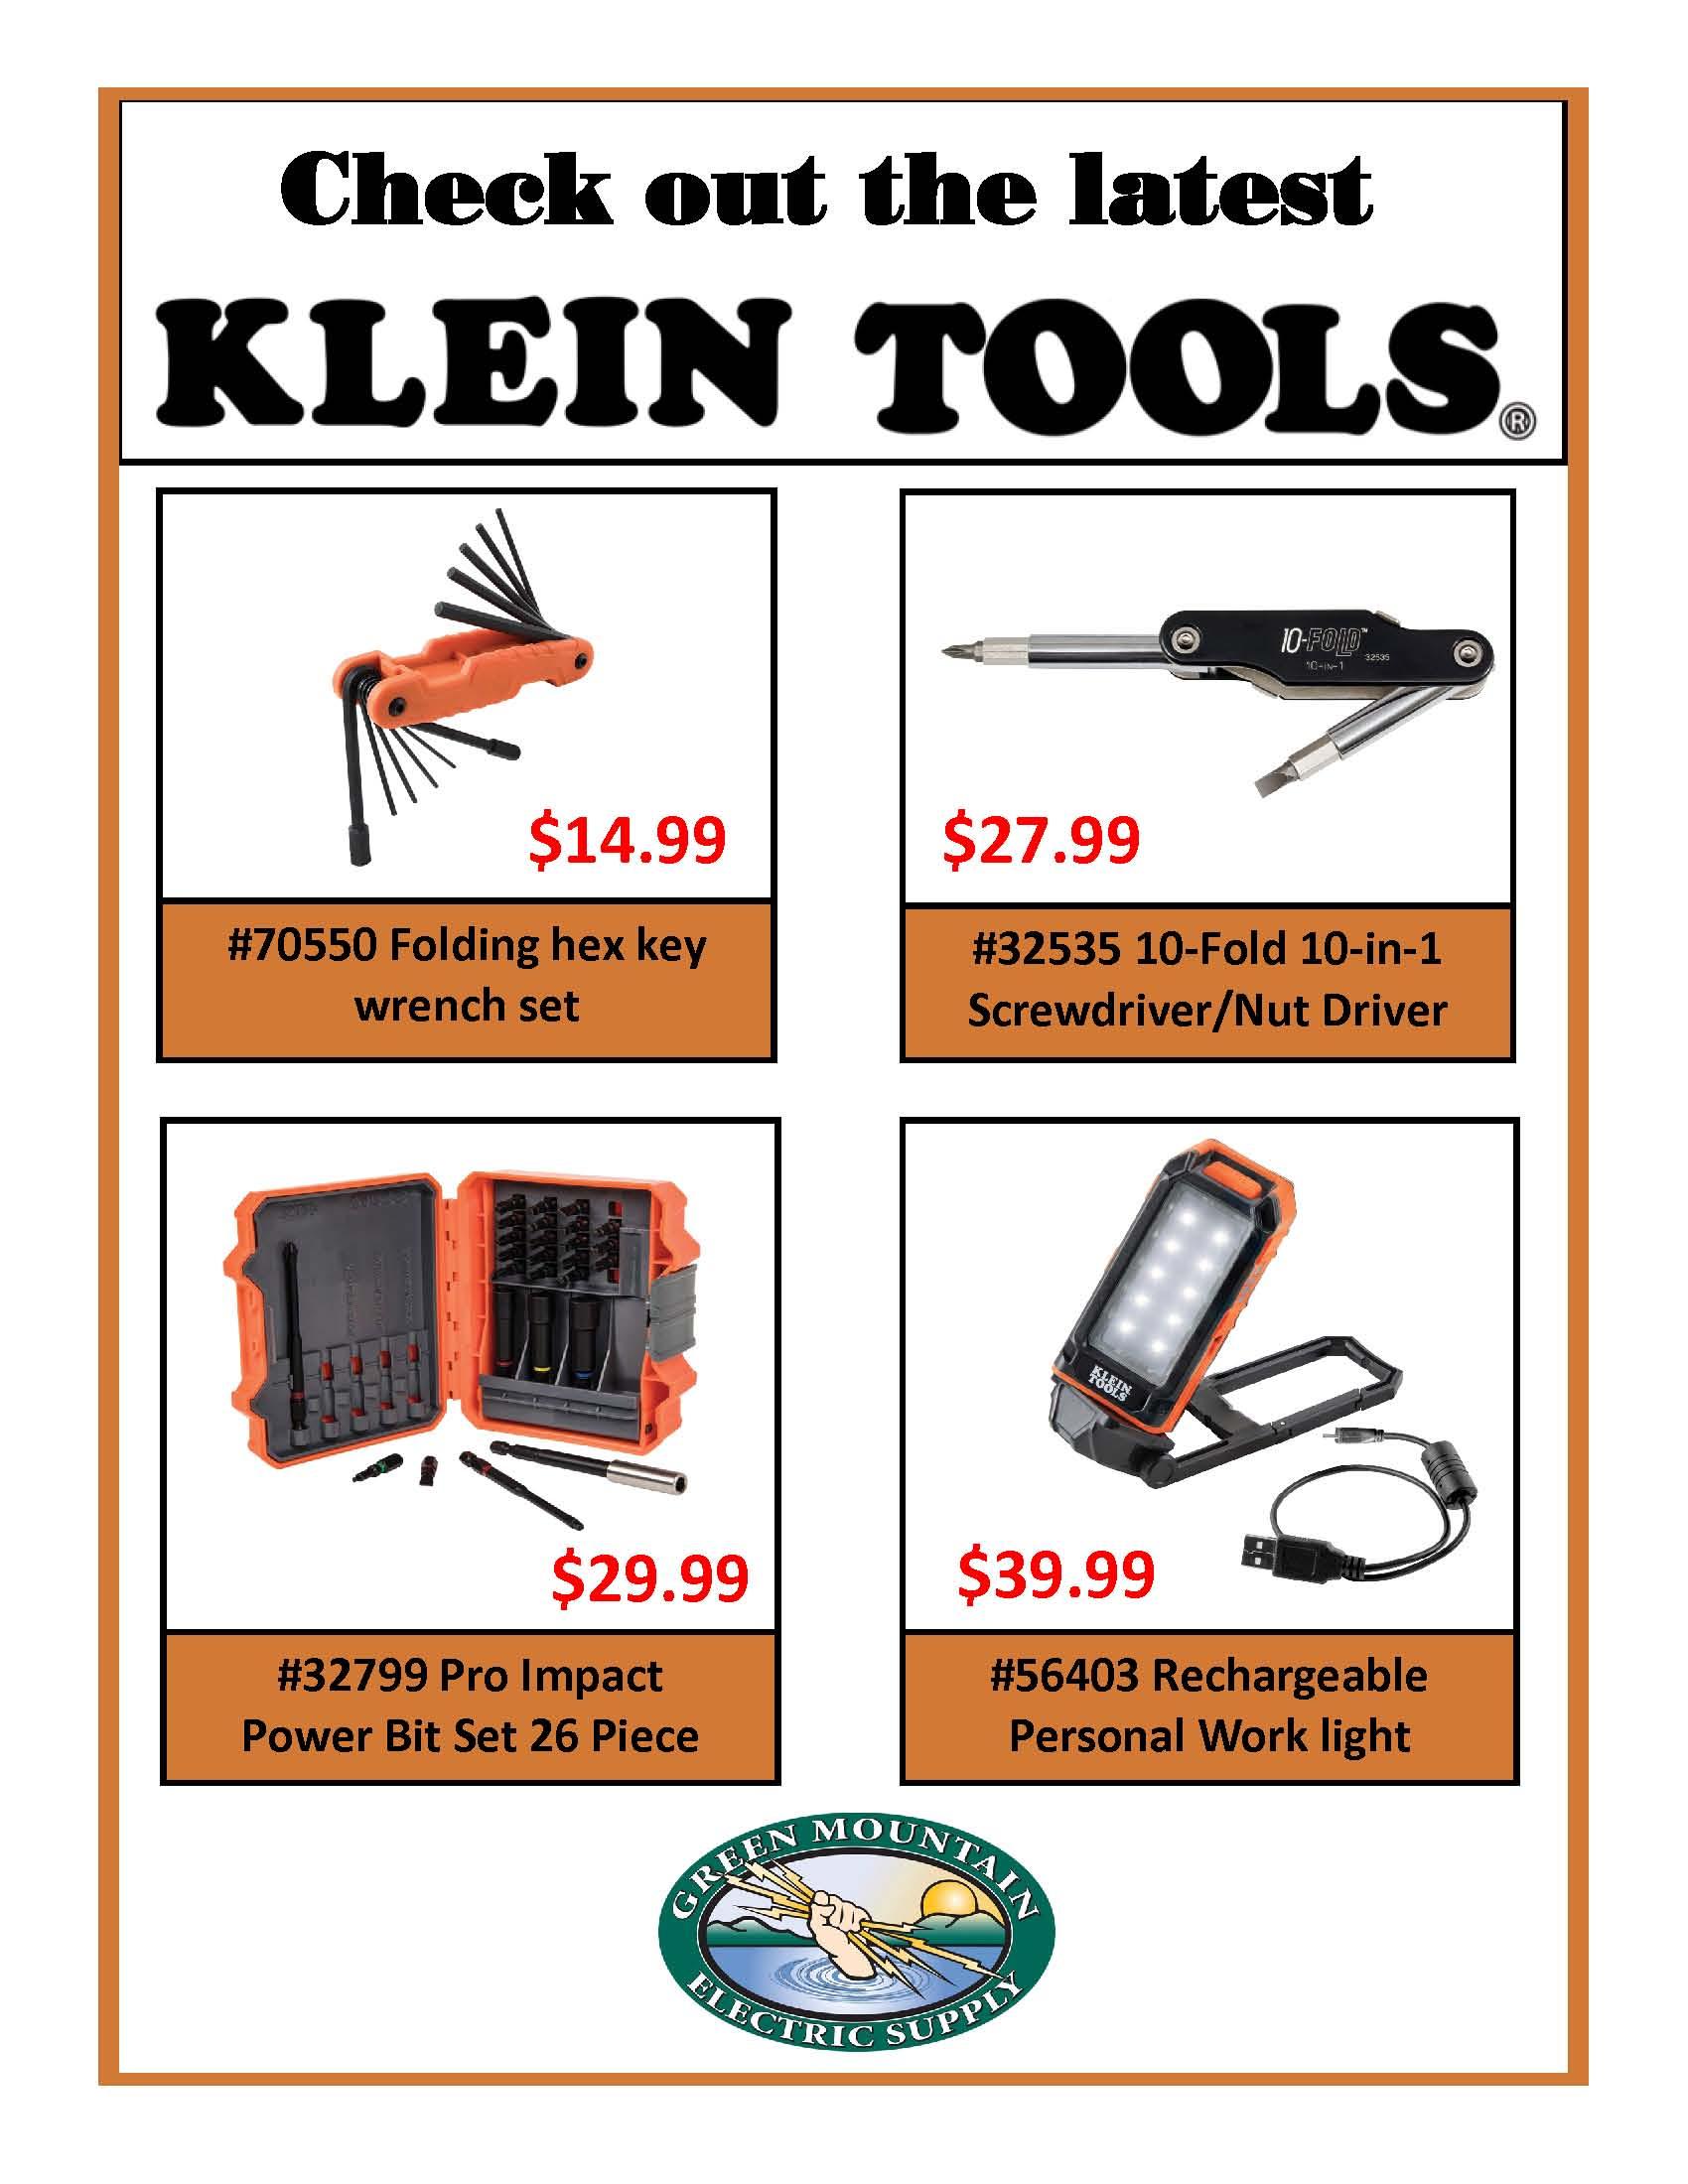 Klein Tools Spinner Oct 2019 v.3.jpg